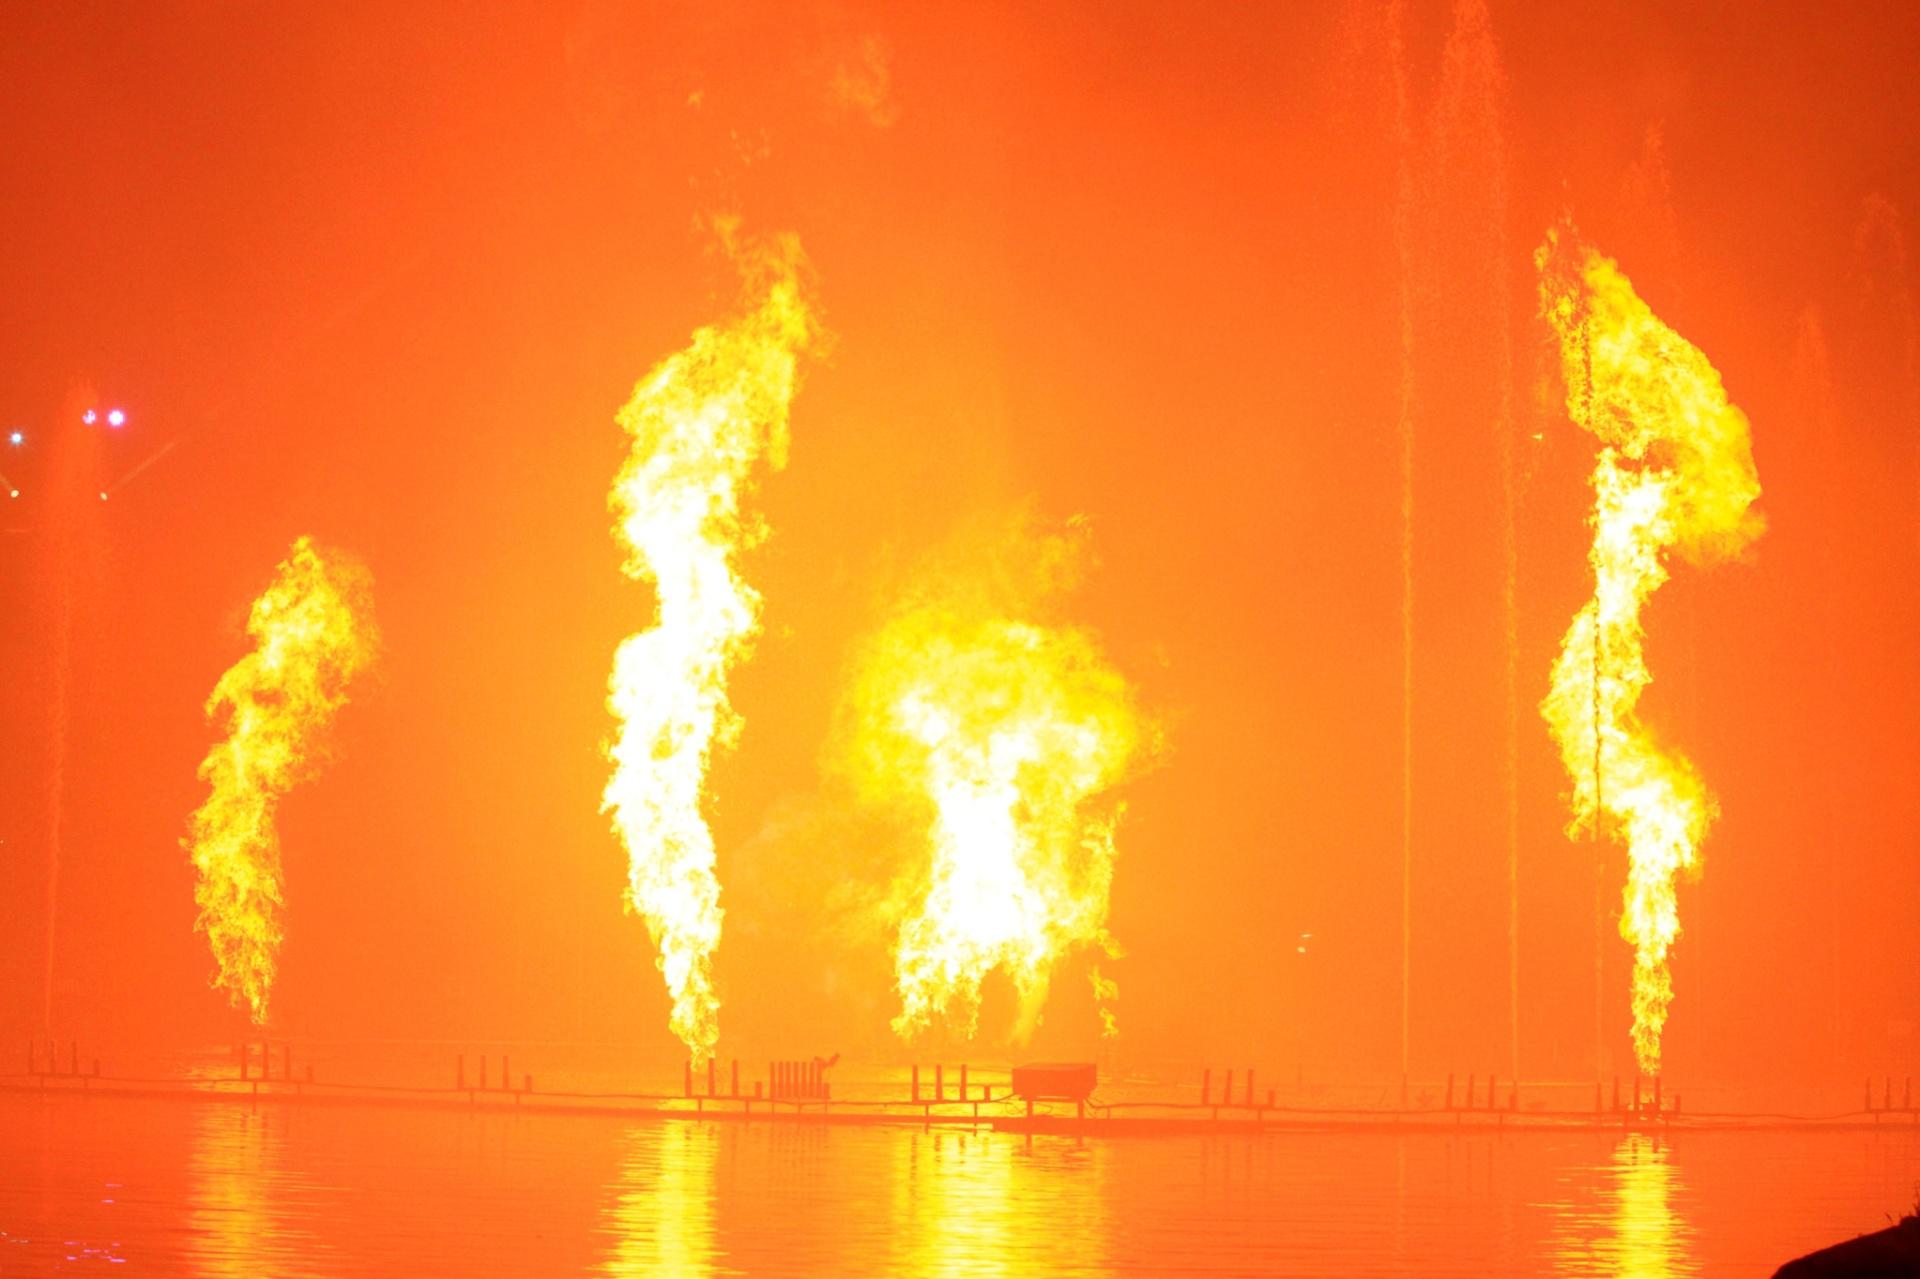 10.dez.2014 - O show de fogos e luzes é uma das atrações do Nativitatem, um dos espetáculos mais tradicionais do Natal Luz de Gramado, na Serra Gaúcha. A ópera, que acontece às margens do Lago Joaquina Rita Bier, tem 50 minutos de duração